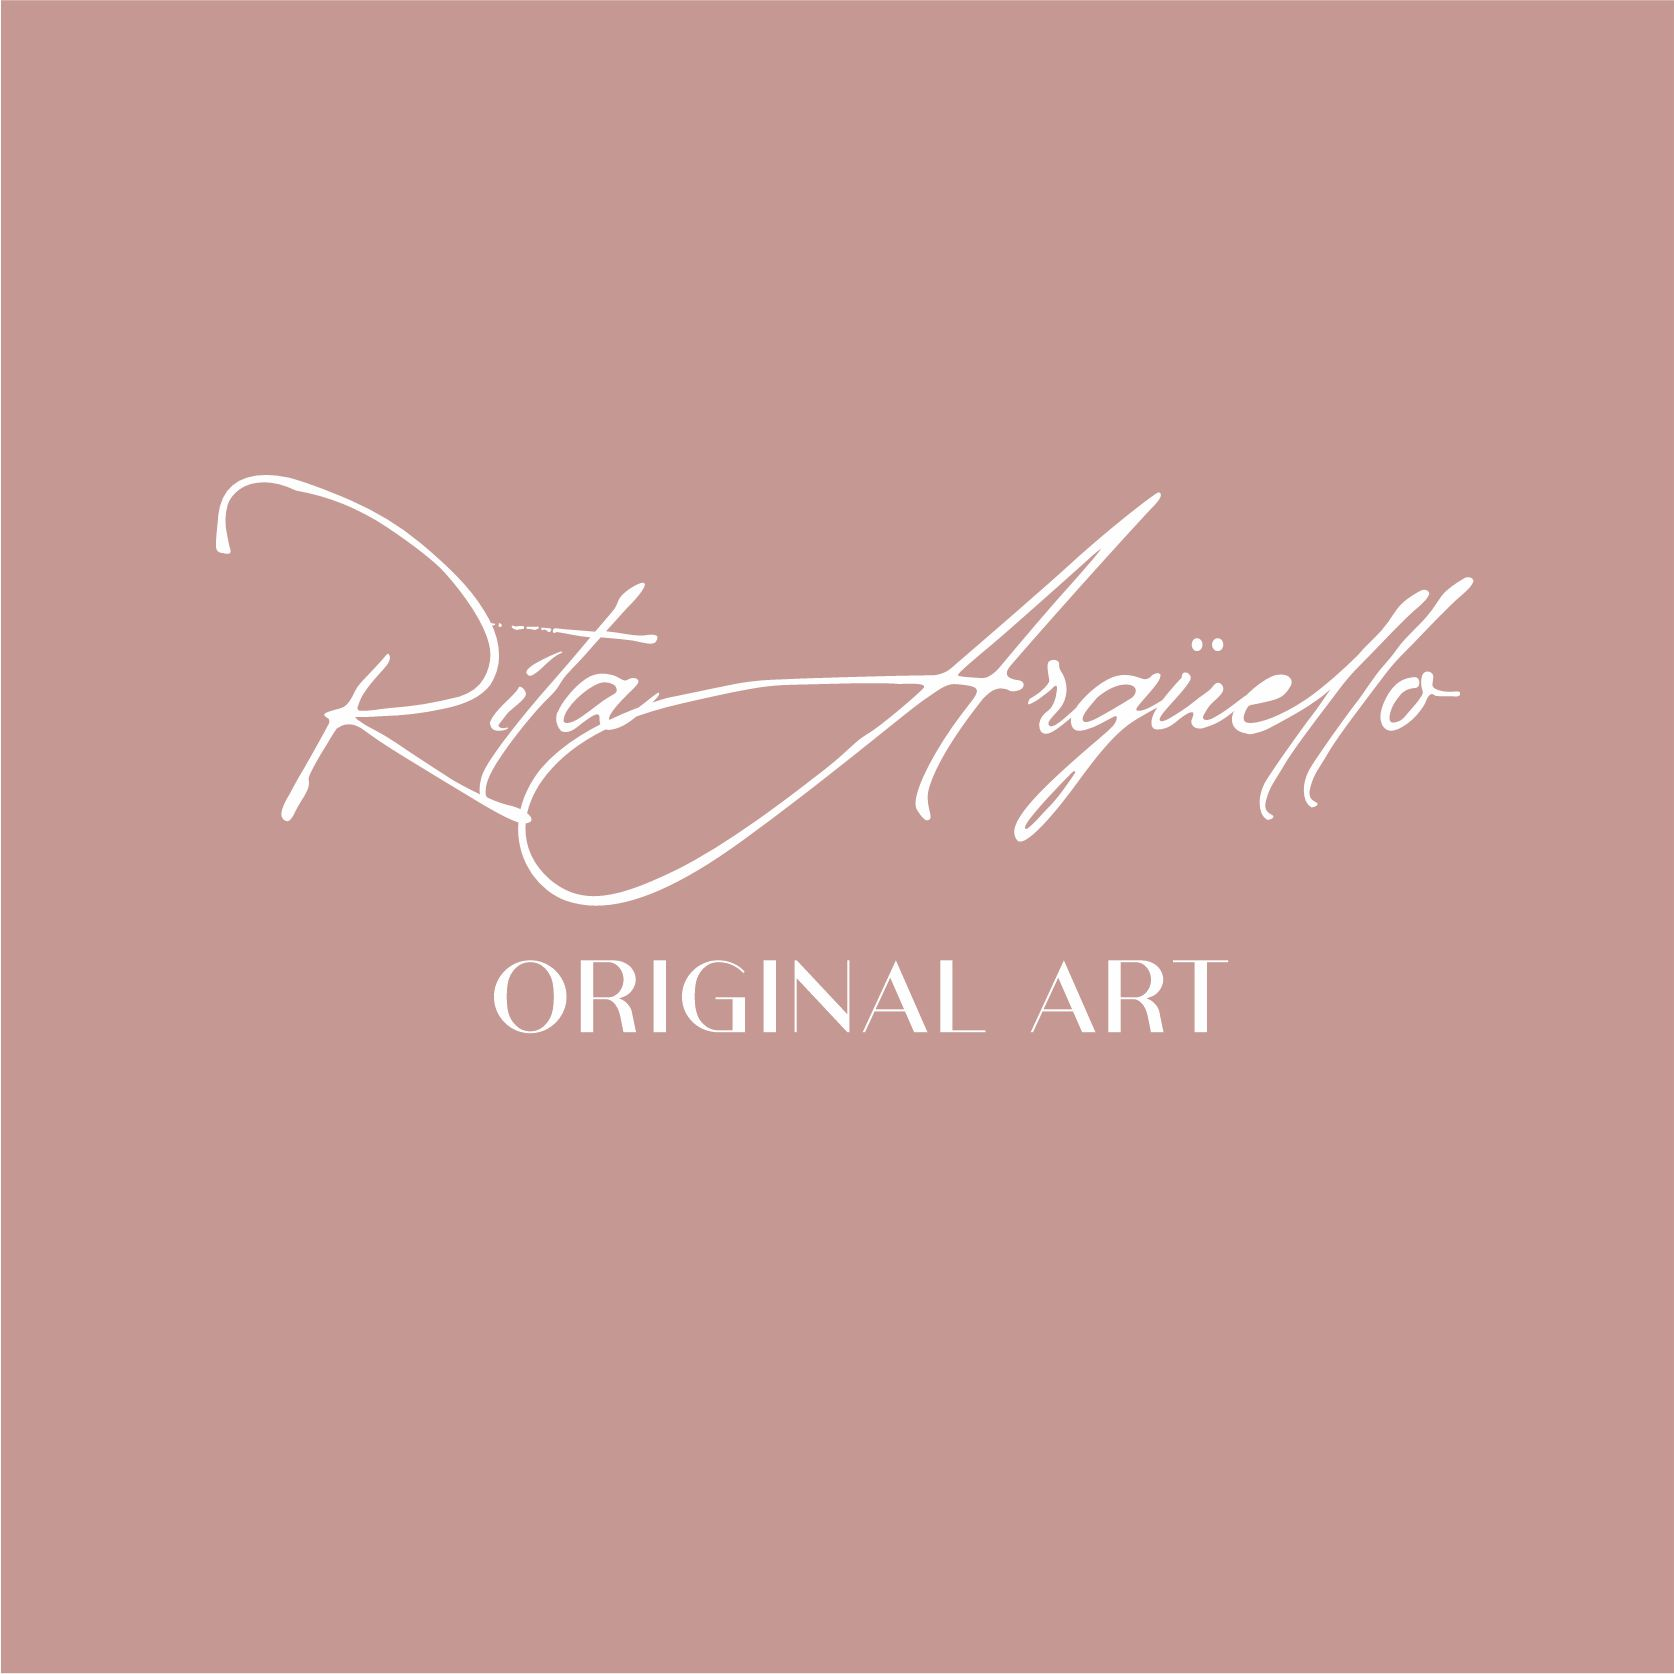 Rita Arguello, Original Art